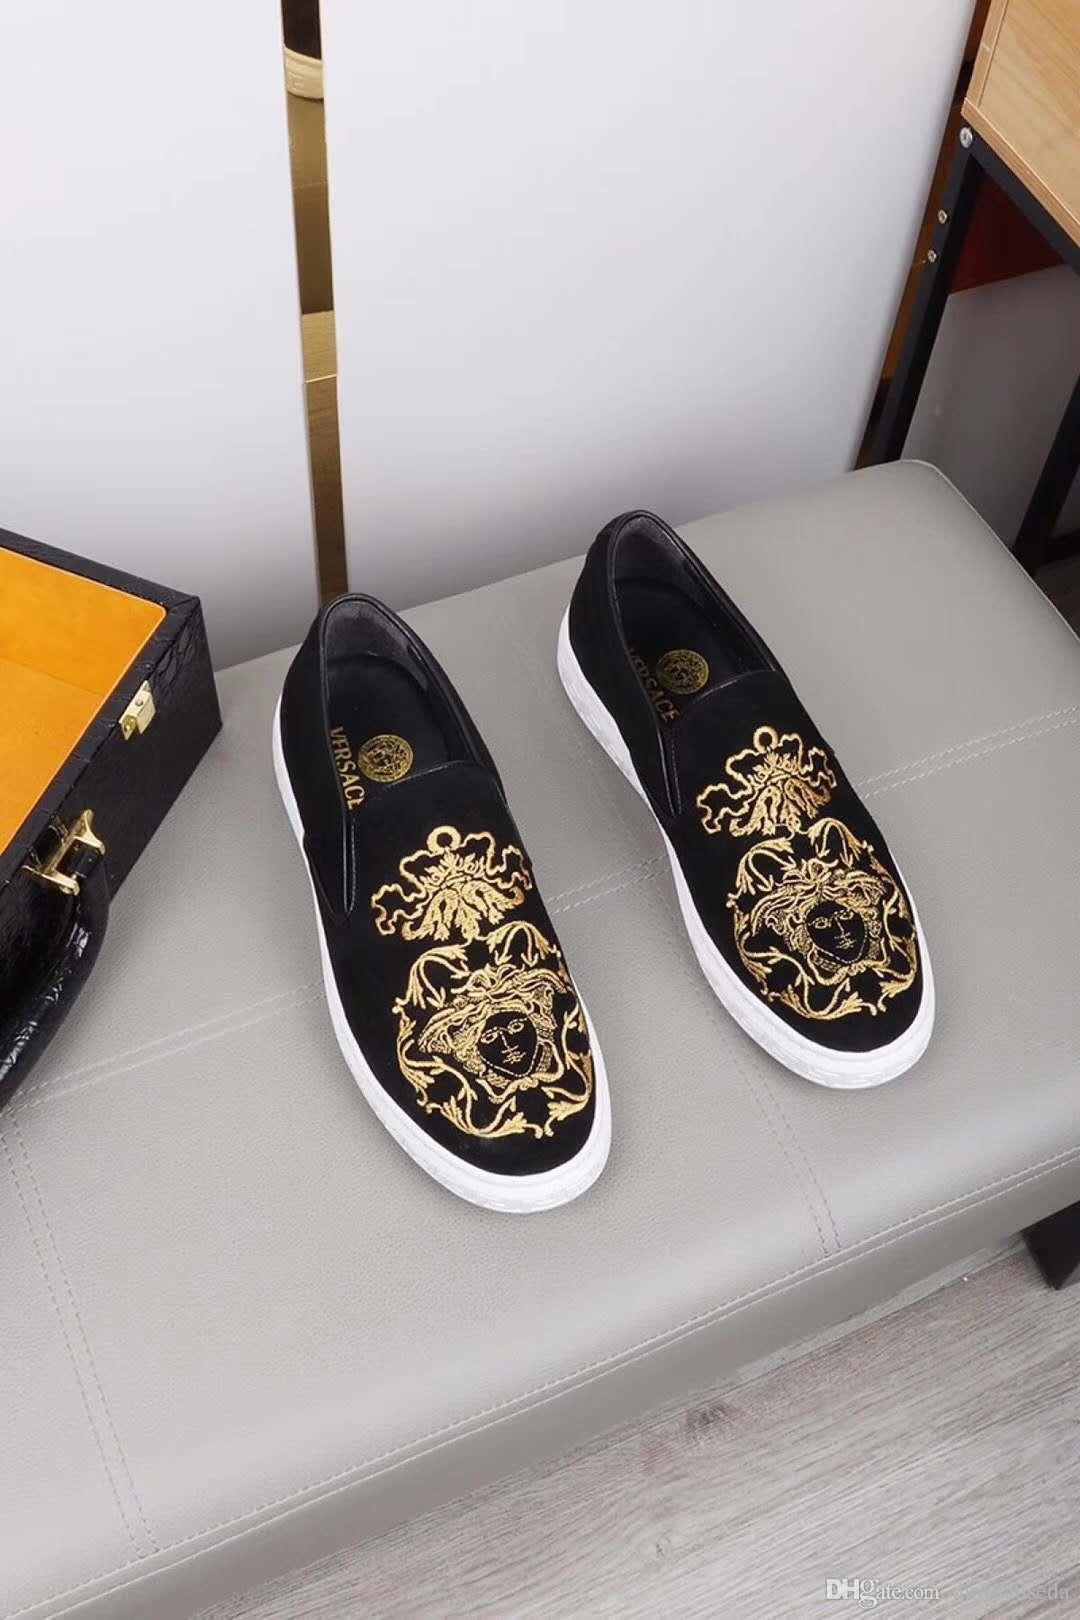 2020 europäische Station Gezeiten beiläufige Schuhe der Männer koreanische Version des Pedals faul Jugend Stickerei Herrenschuhe wilden Gezeiten 38-44HY26